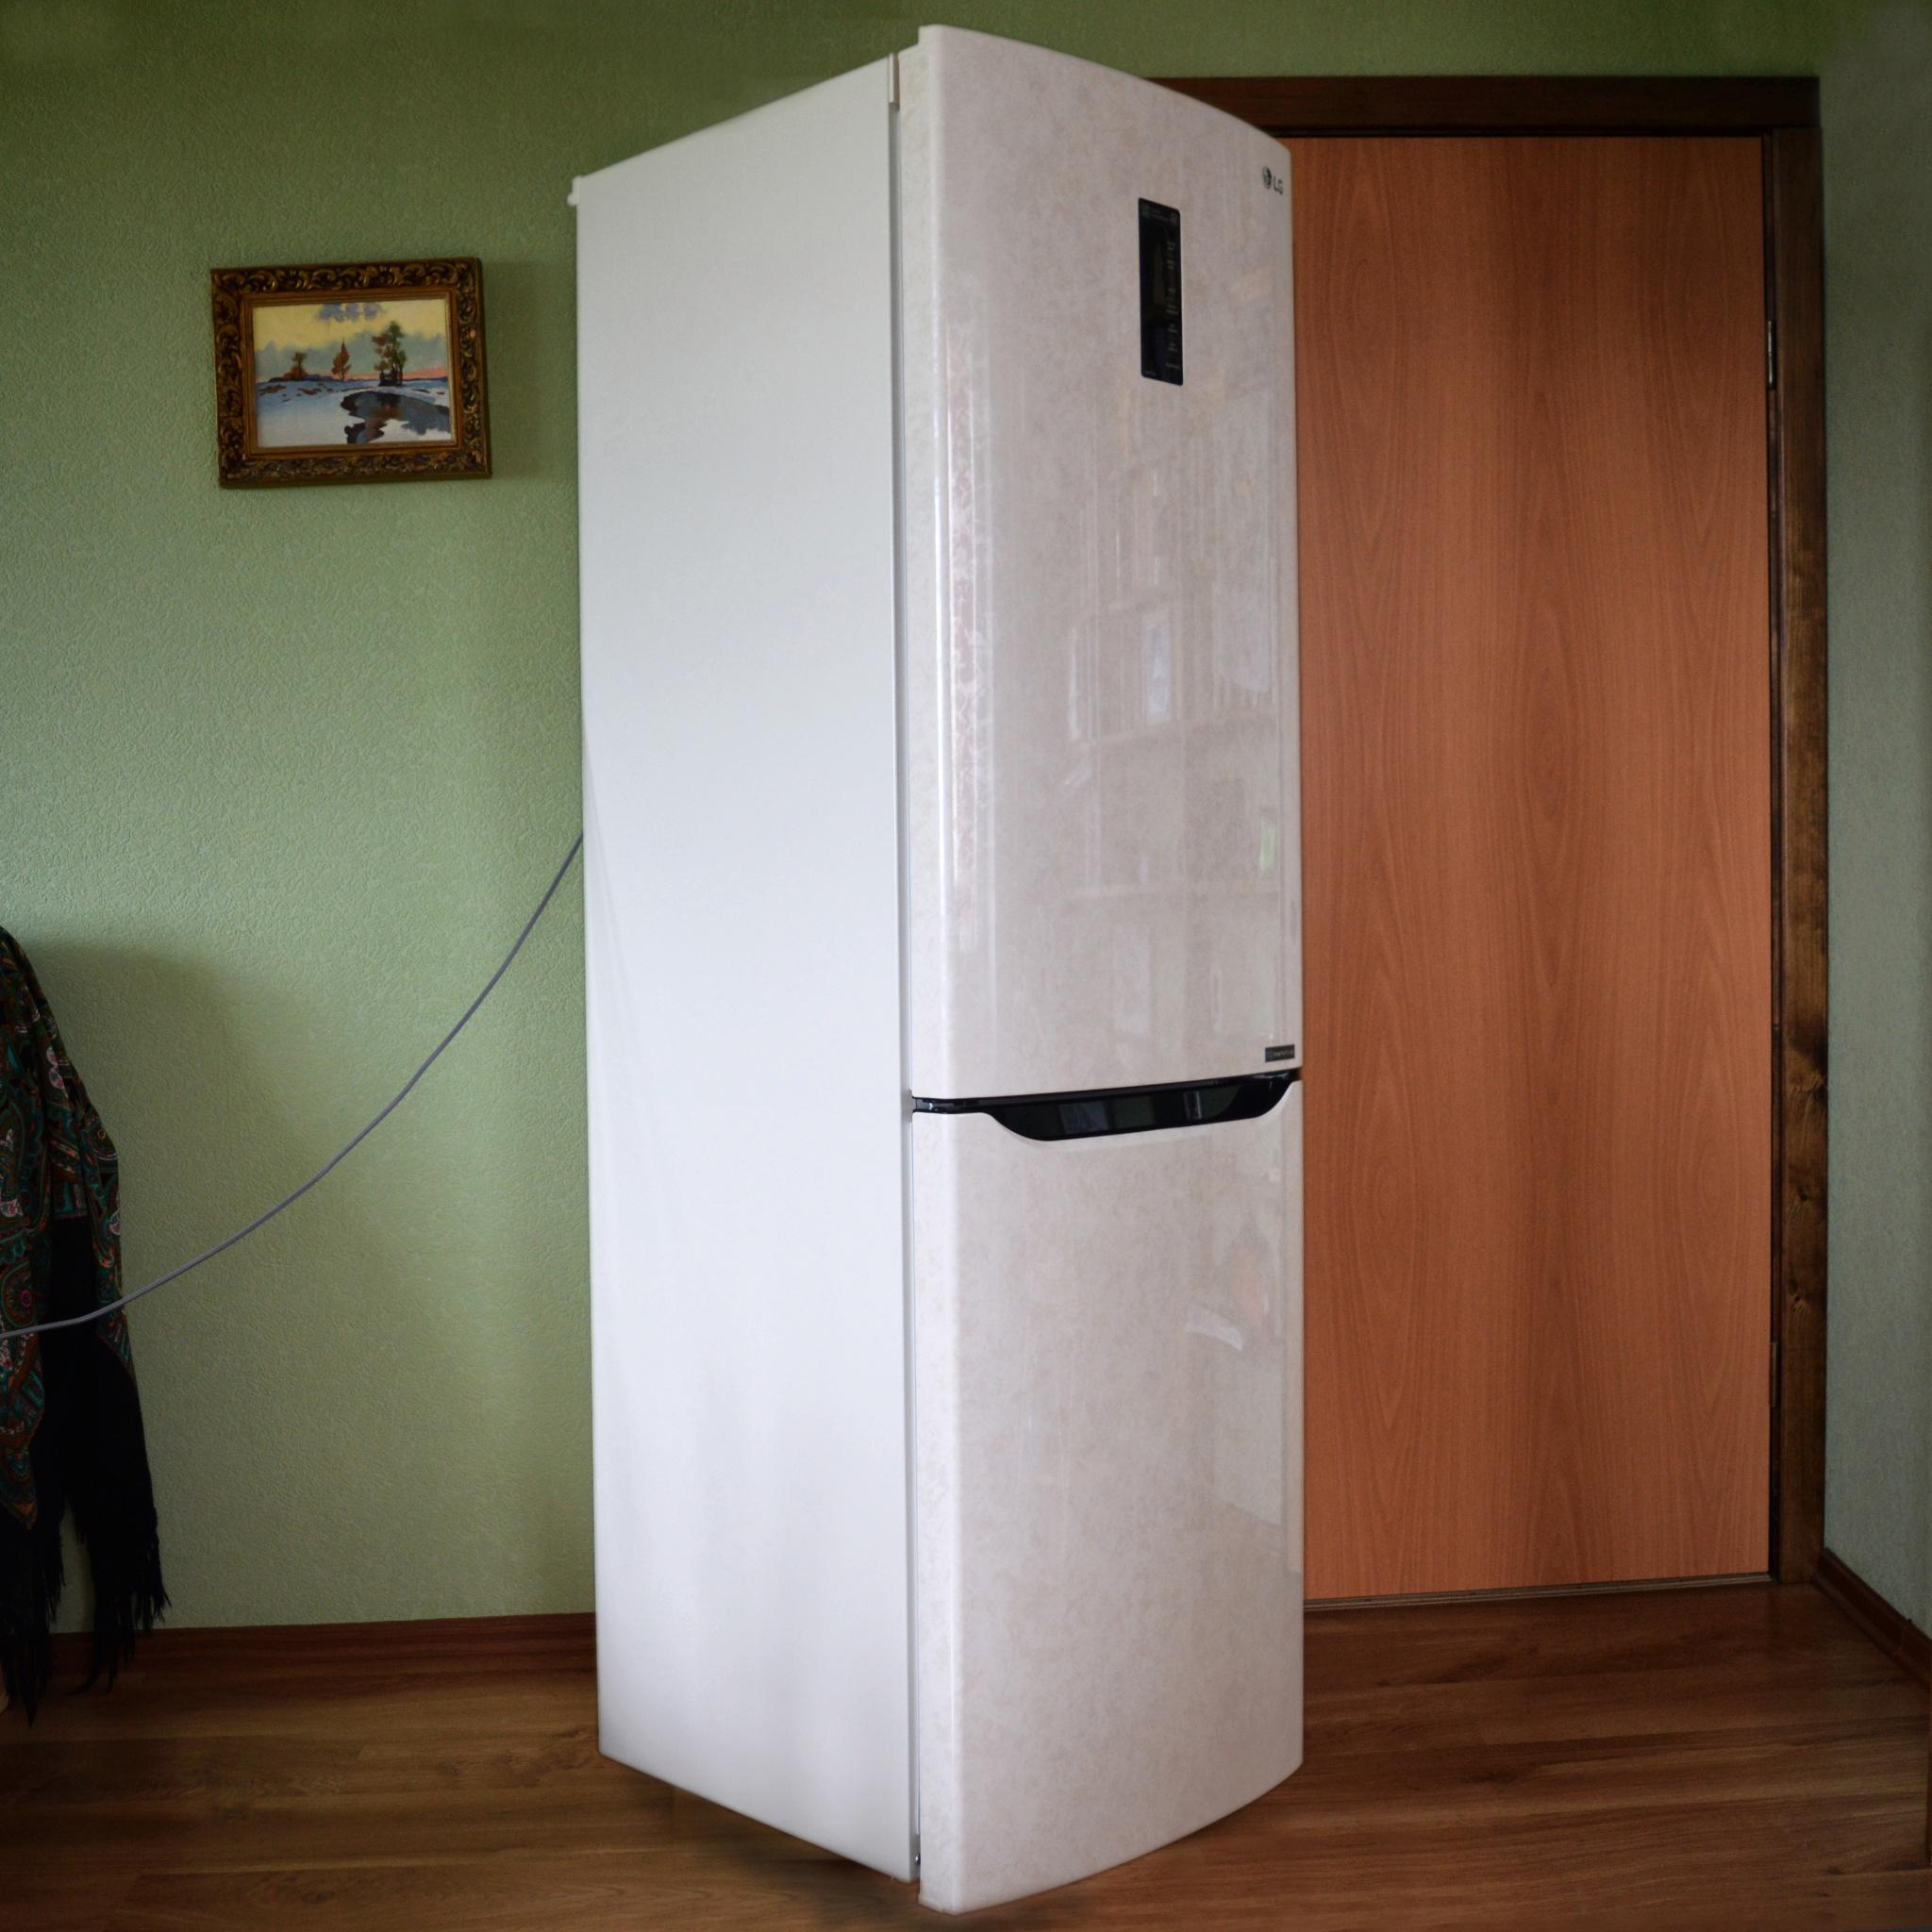 обзор от покупателя на холодильник Lg Ga B429seqz интернет магазин